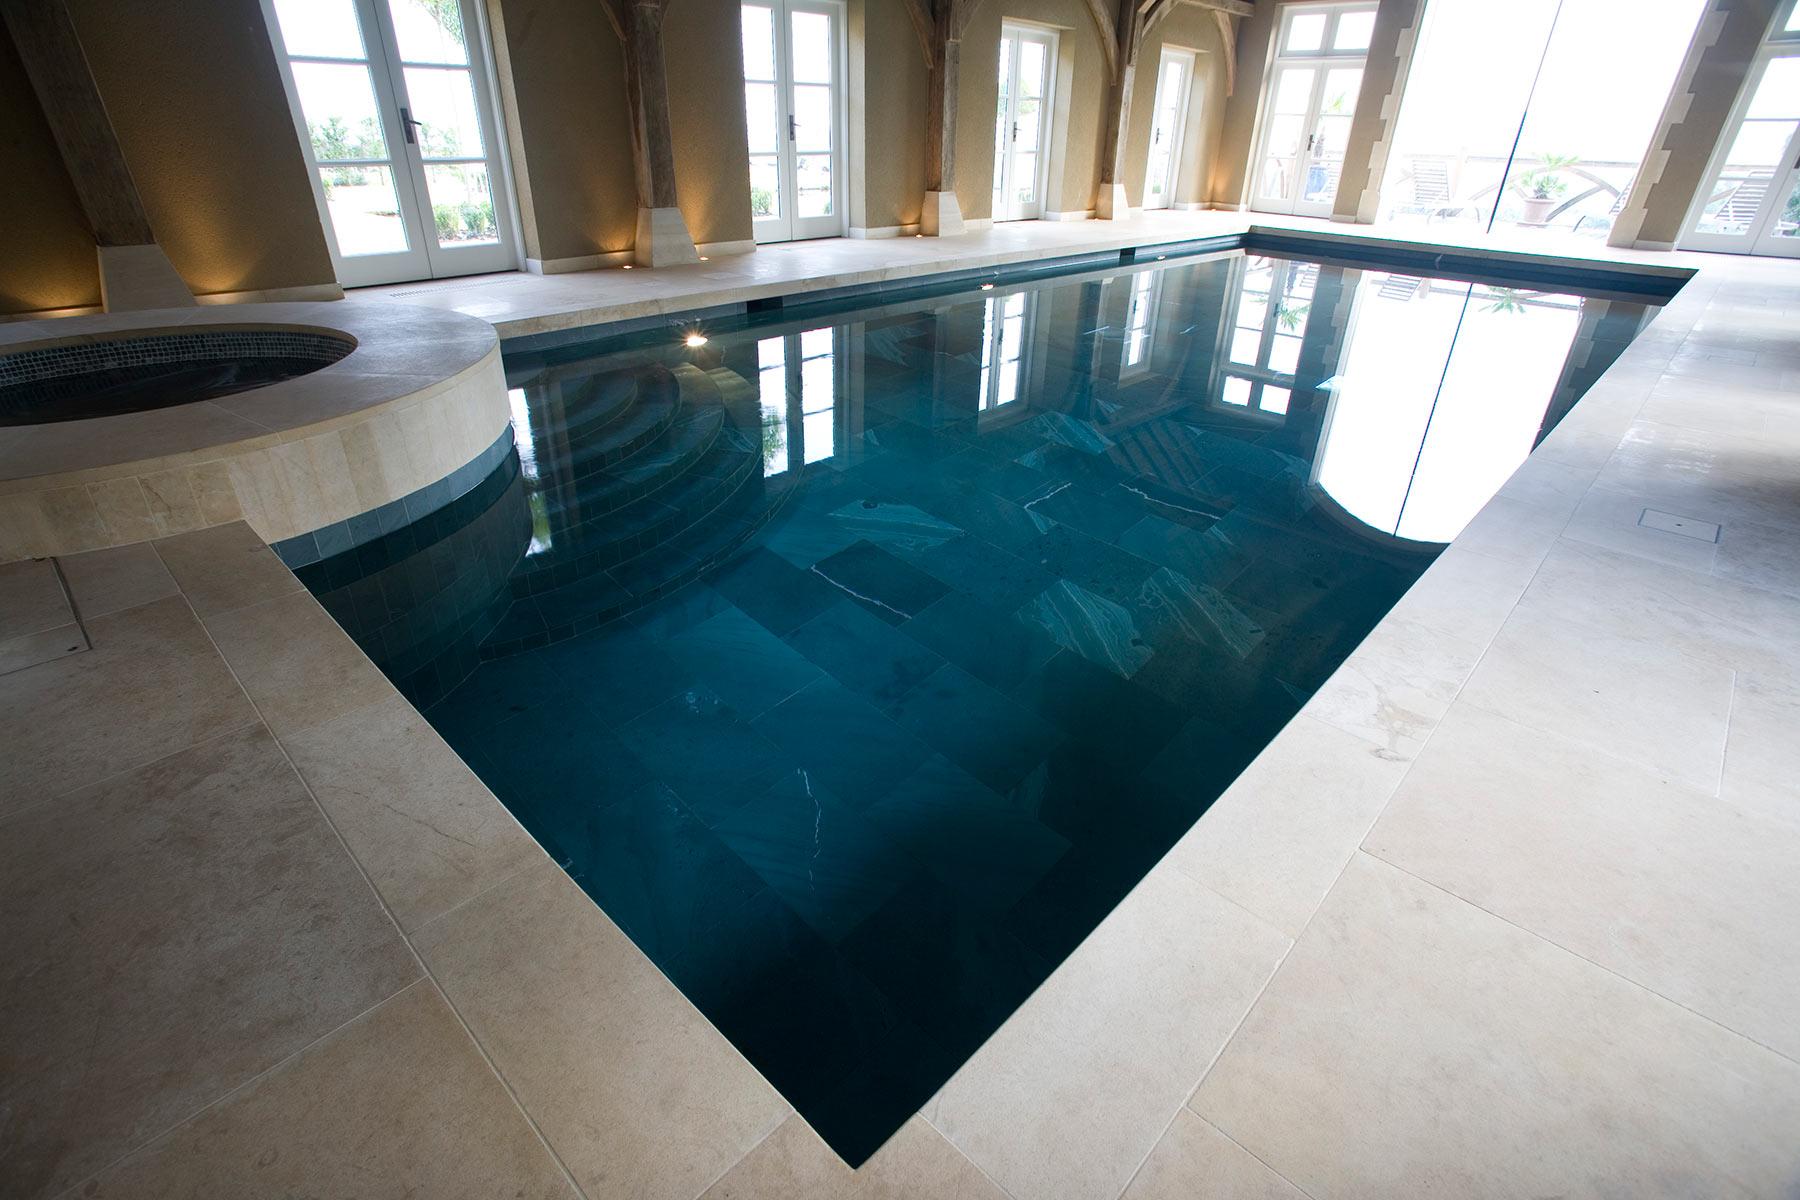 牛津郡的车库改建室内游泳池